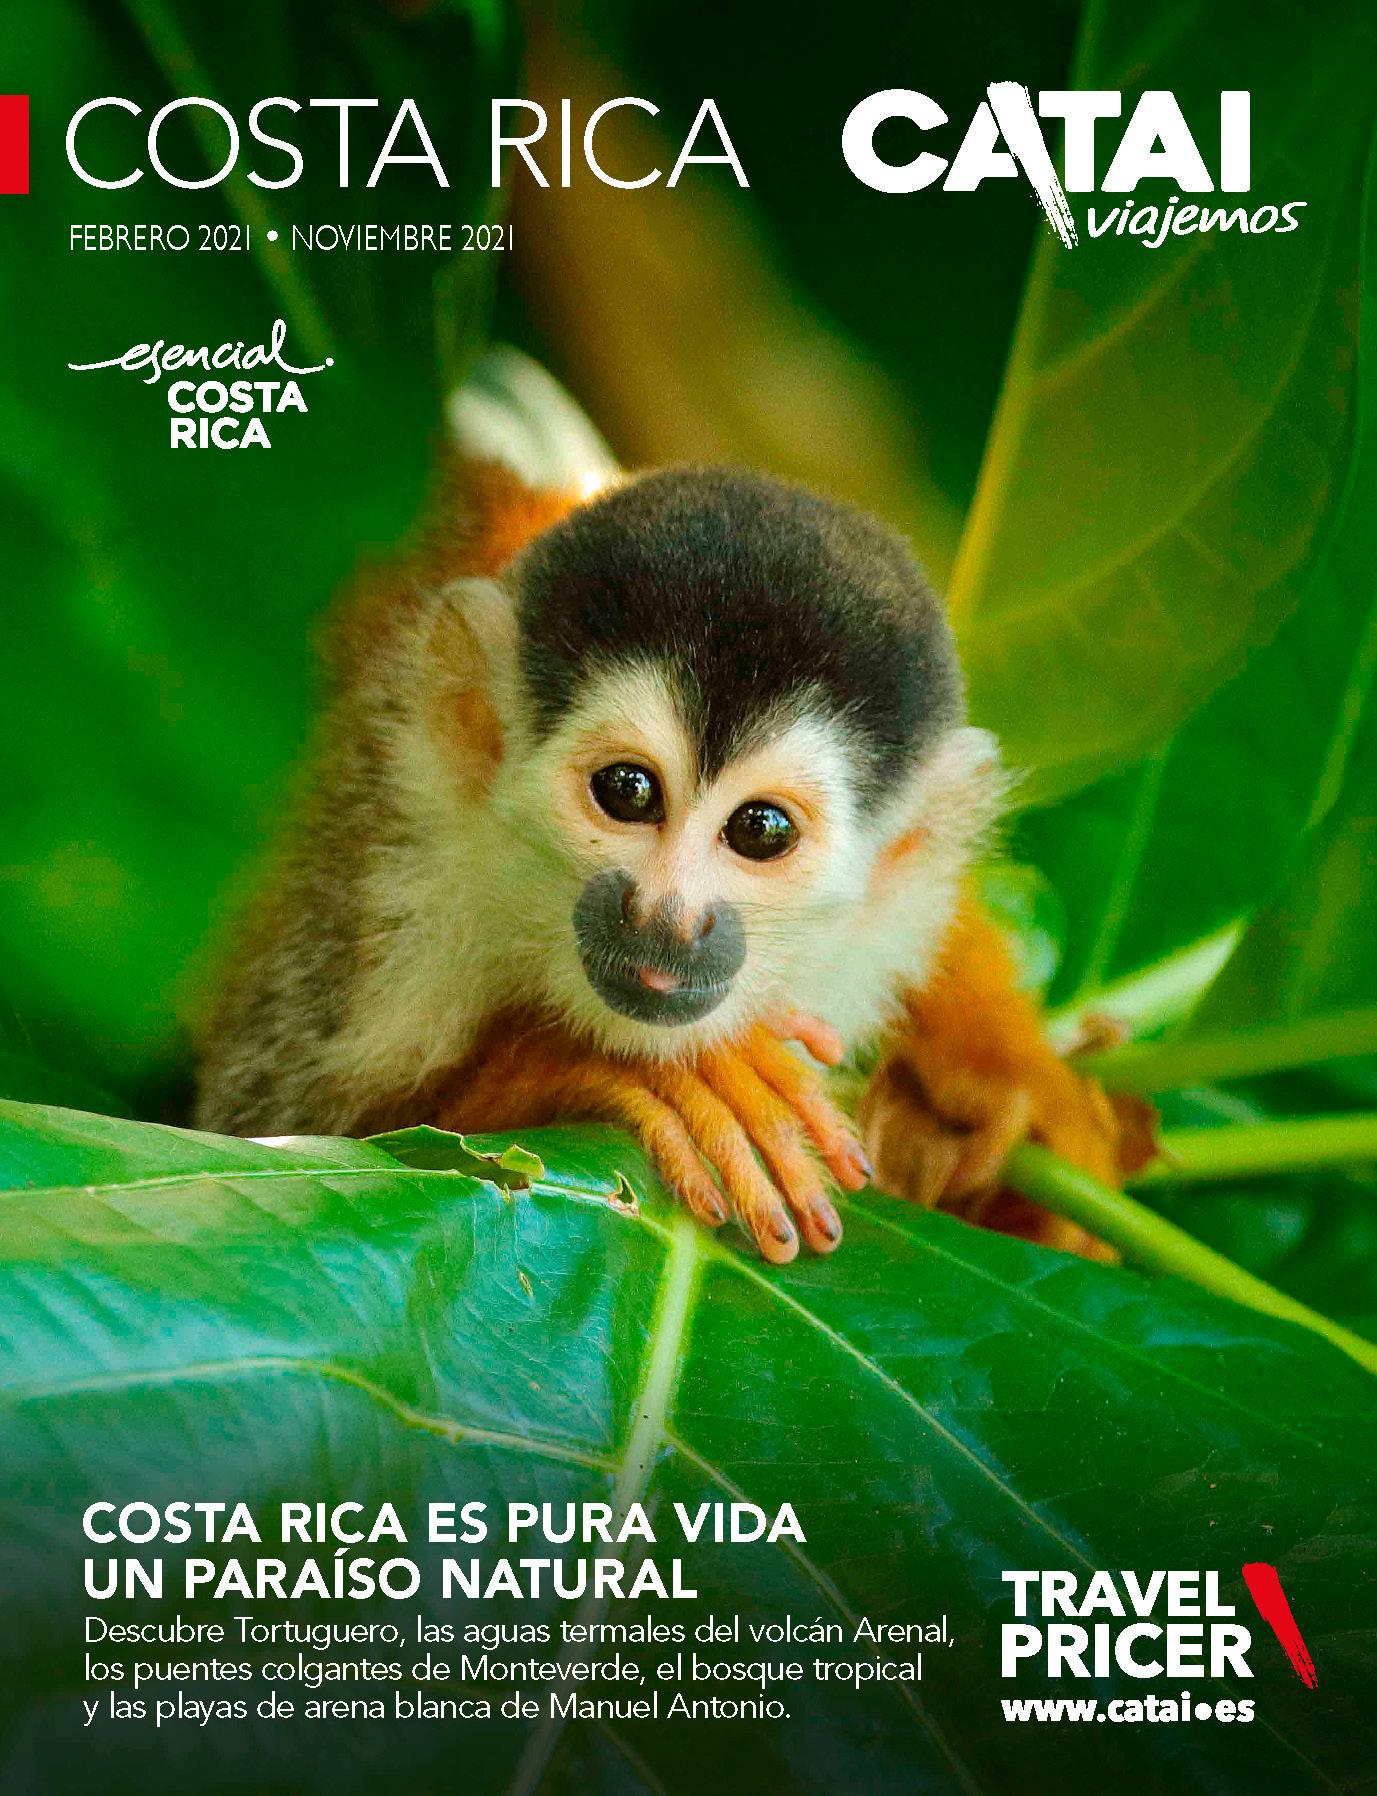 Catalogo Catai Costa Rica 2021